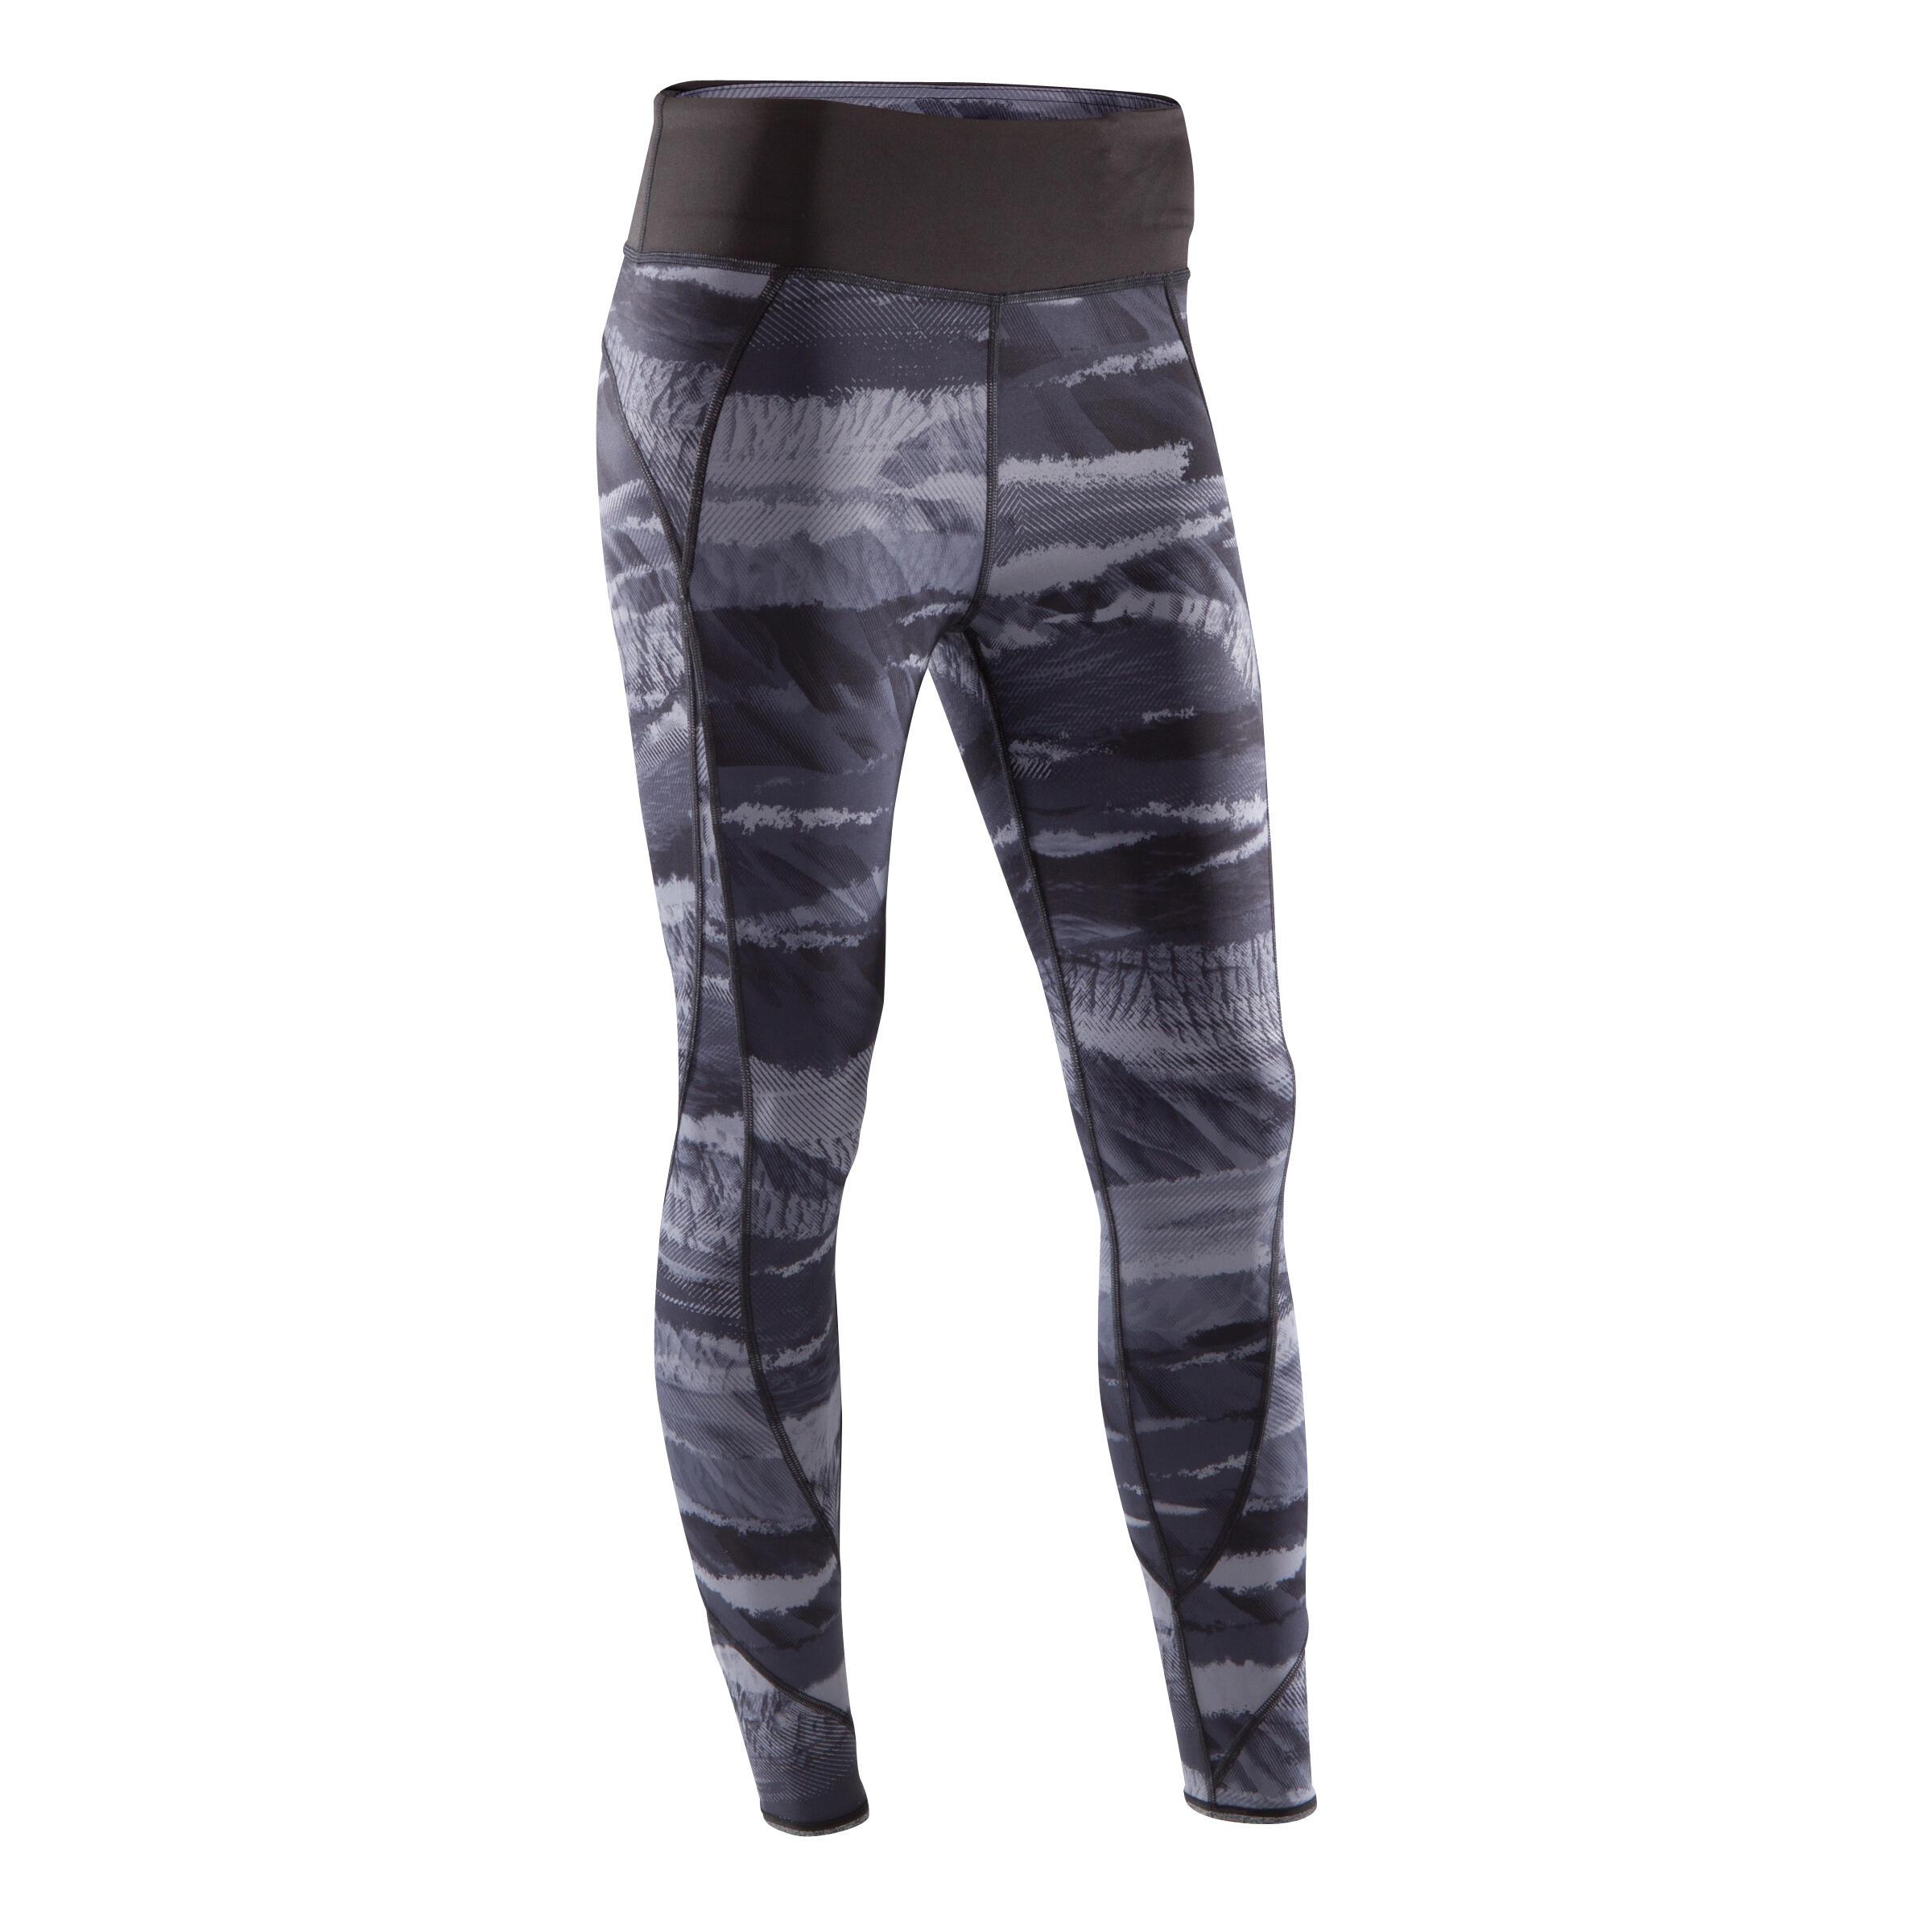 Domyos Omkeerbare legging Yoga+ 920 voor dames zwart/wit print